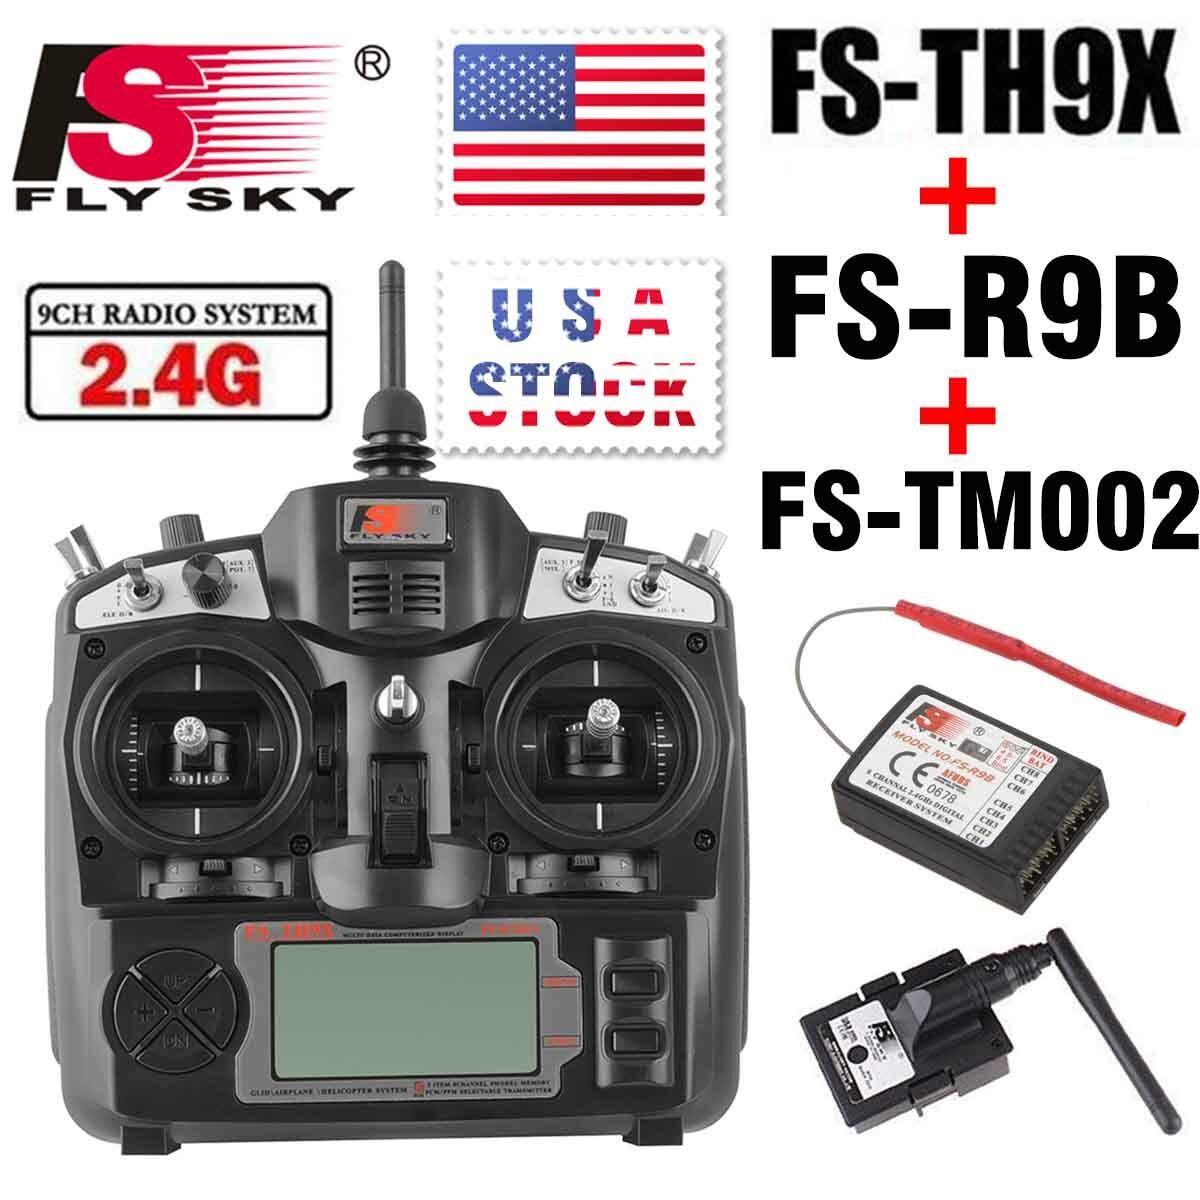 Nuevo FlySky 2.4ghz helicóptero FS-TH9X ch transmisor De Radio Control Receptor Radio con FS-R9B